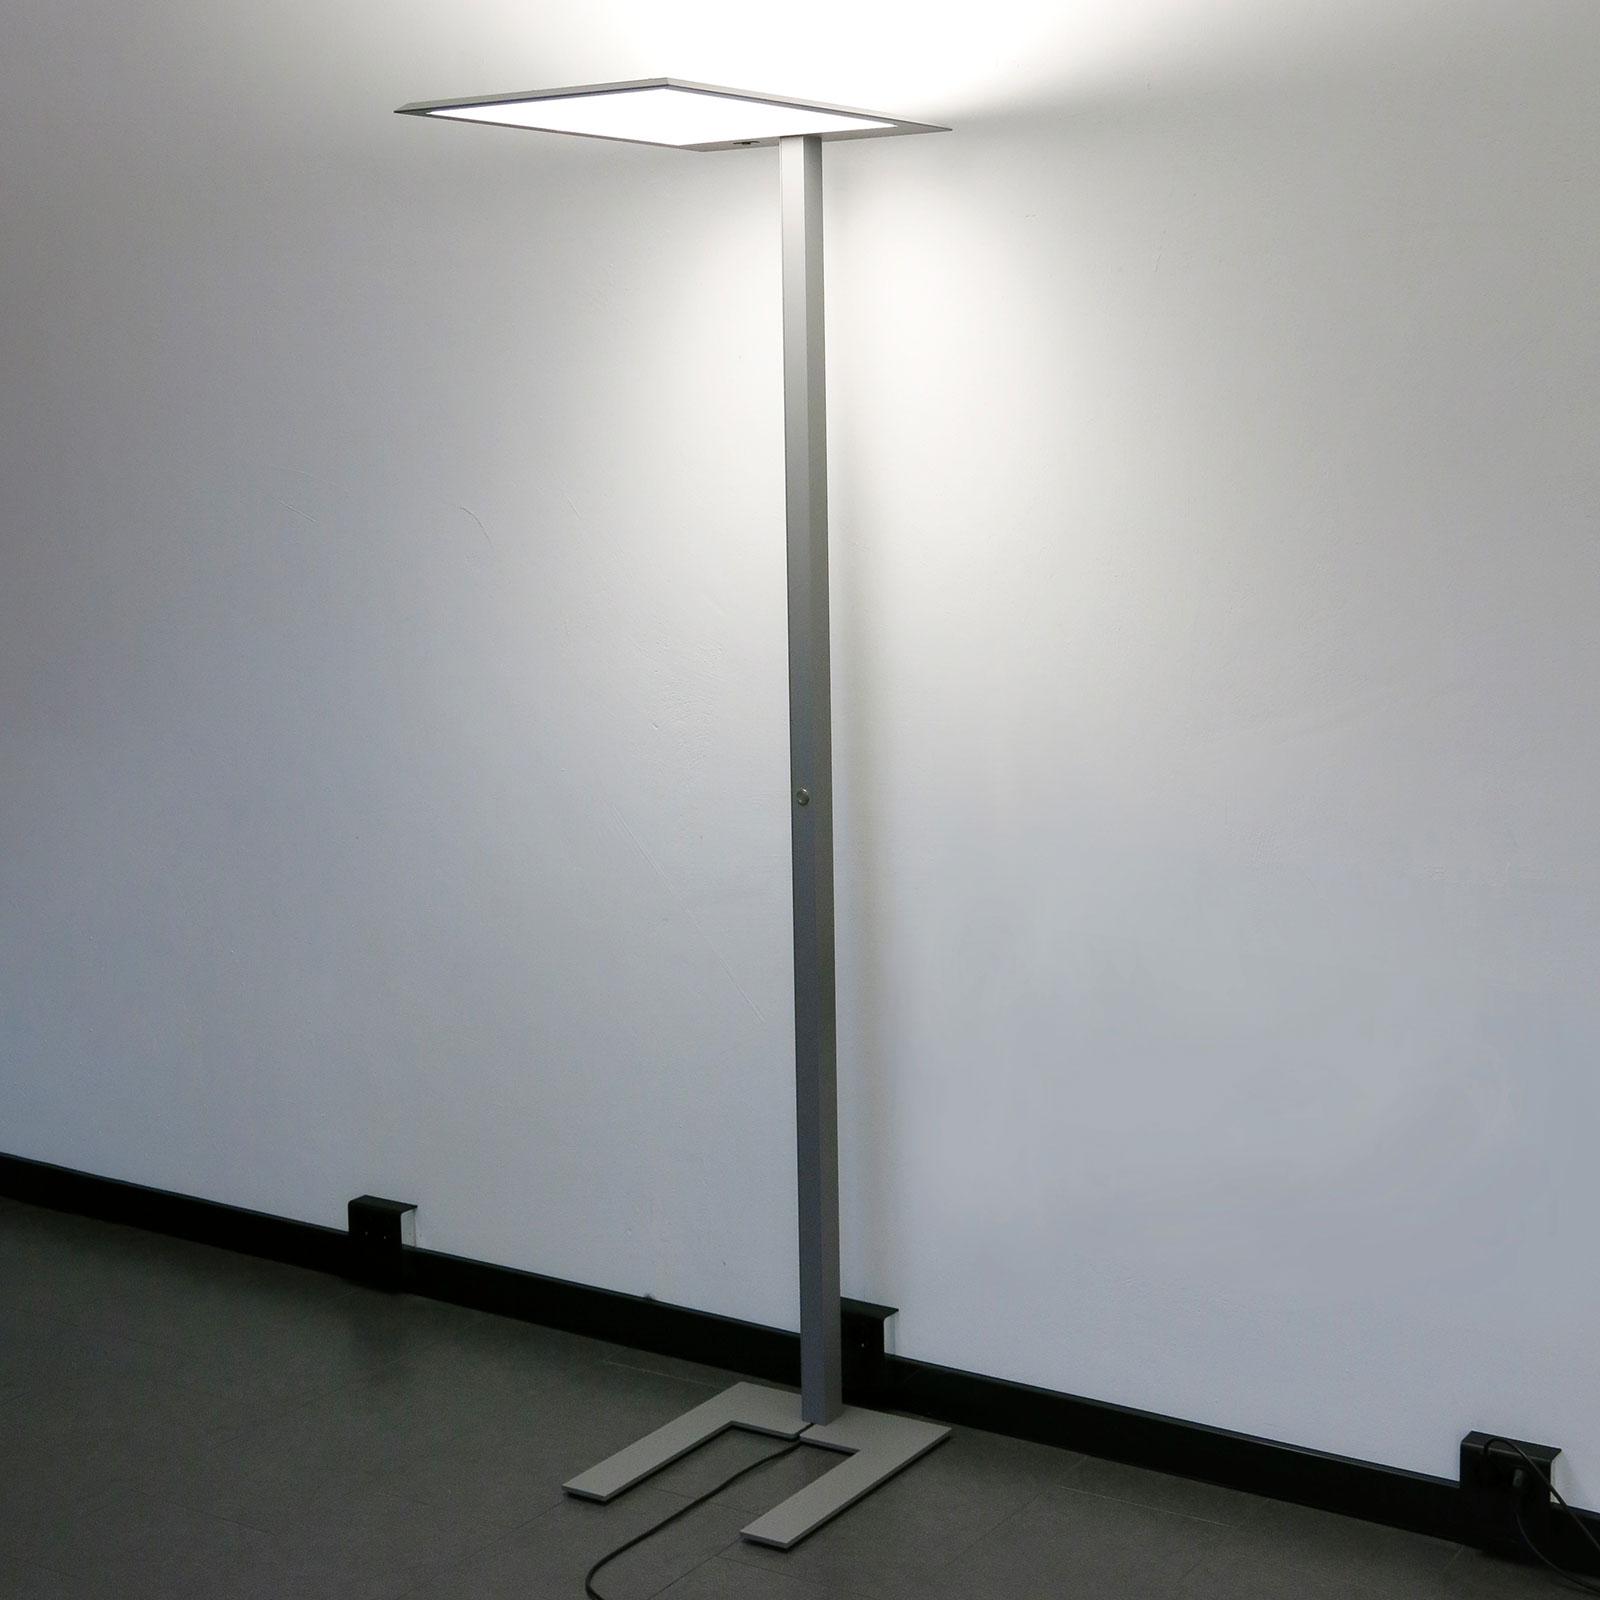 Lampa stojąca LED LEAS, 203 cm, tytan, przycisk